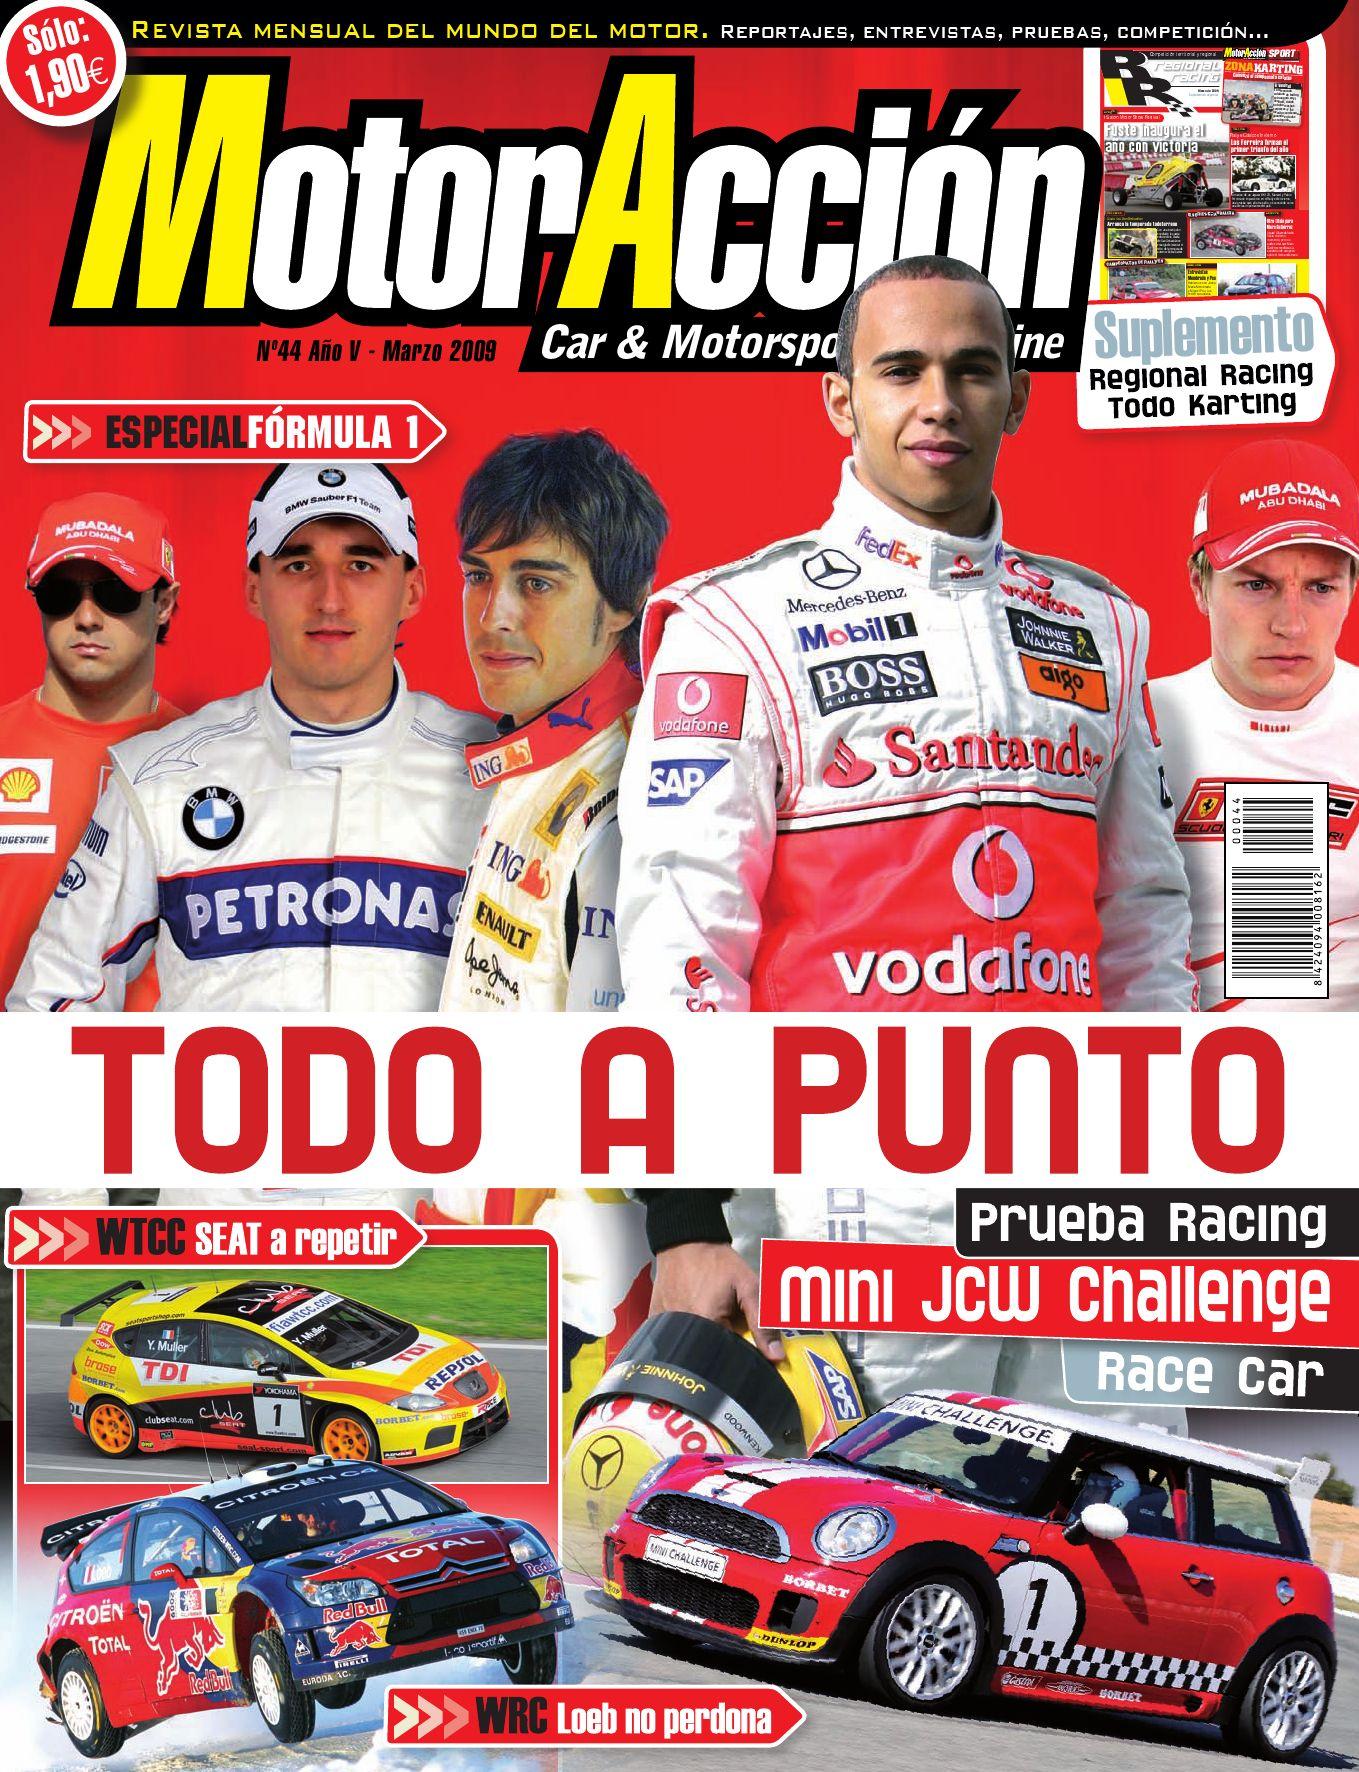 MotorAcción 44 (marzo 09) by Motoraccion Revista mensual - issuu